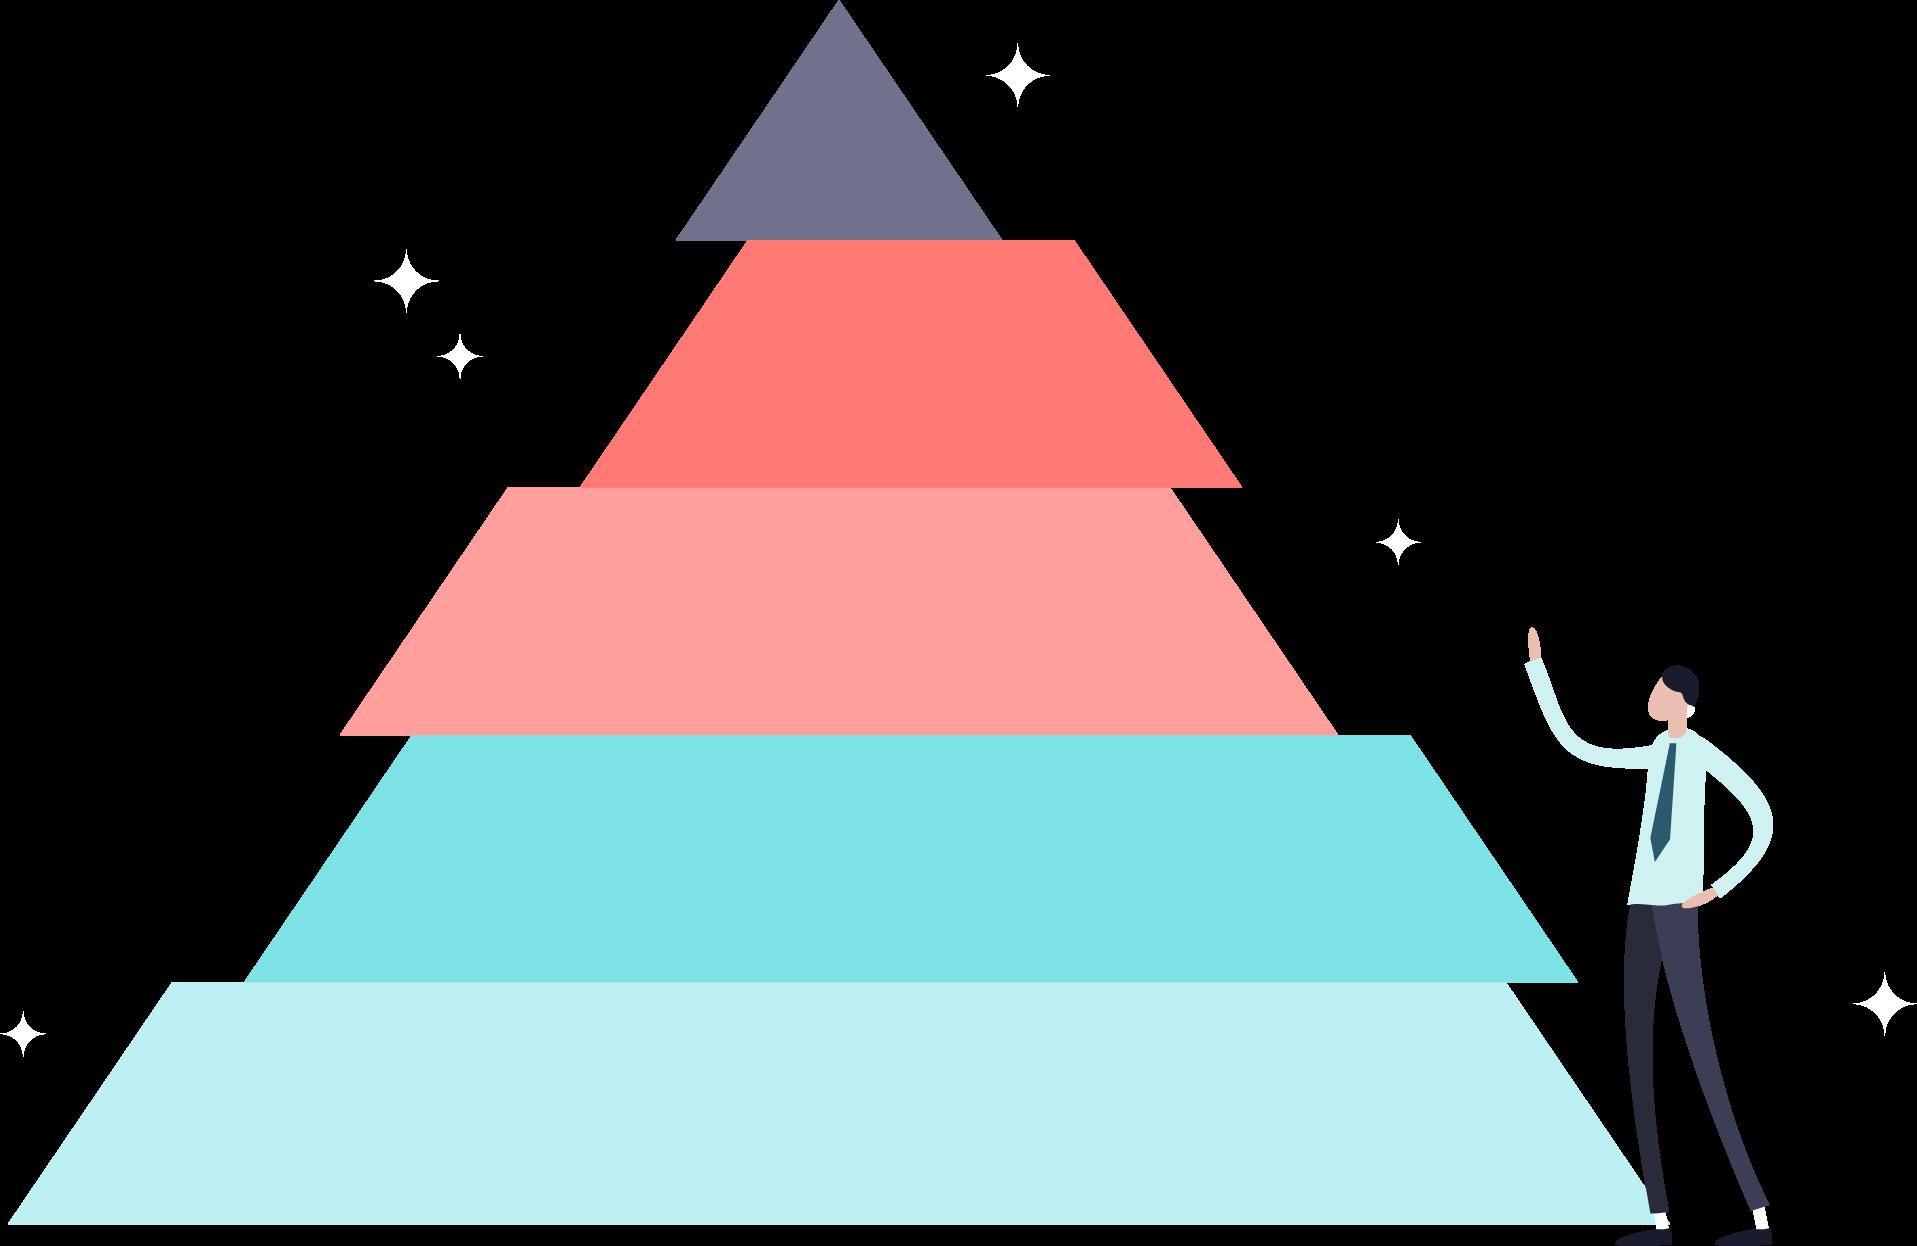 Icon pyramid